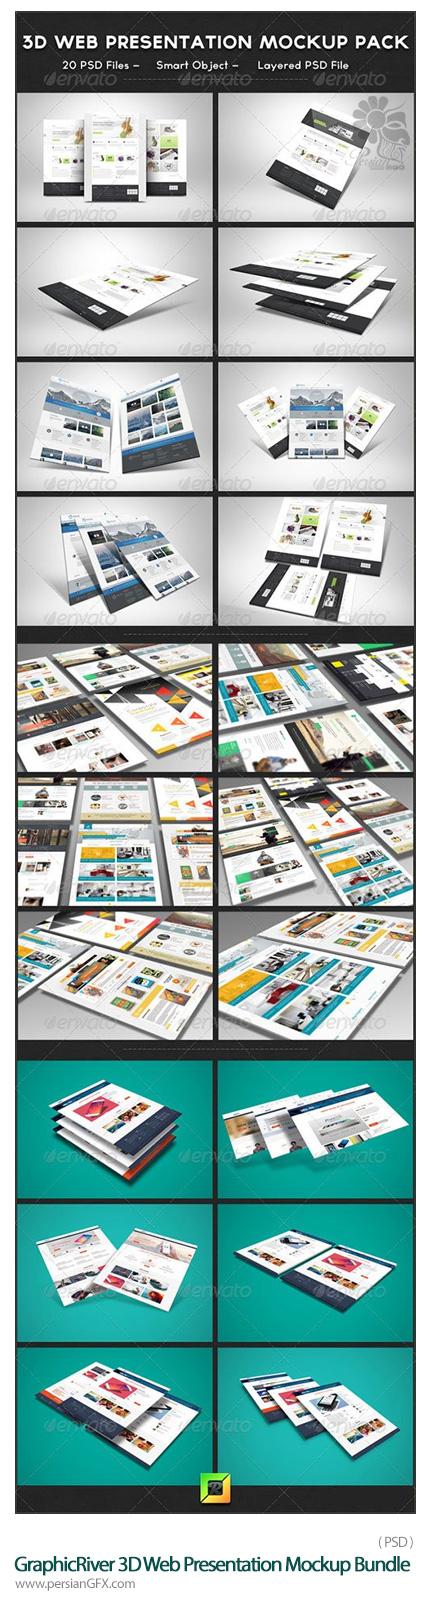 دانلود تصاویر لایه باز قالب پیش نمایش یا موکاپ صفحات وب سه بعدی از گرافیک ریور - GraphicRiver 3D Web Presentation Mockup Bundle